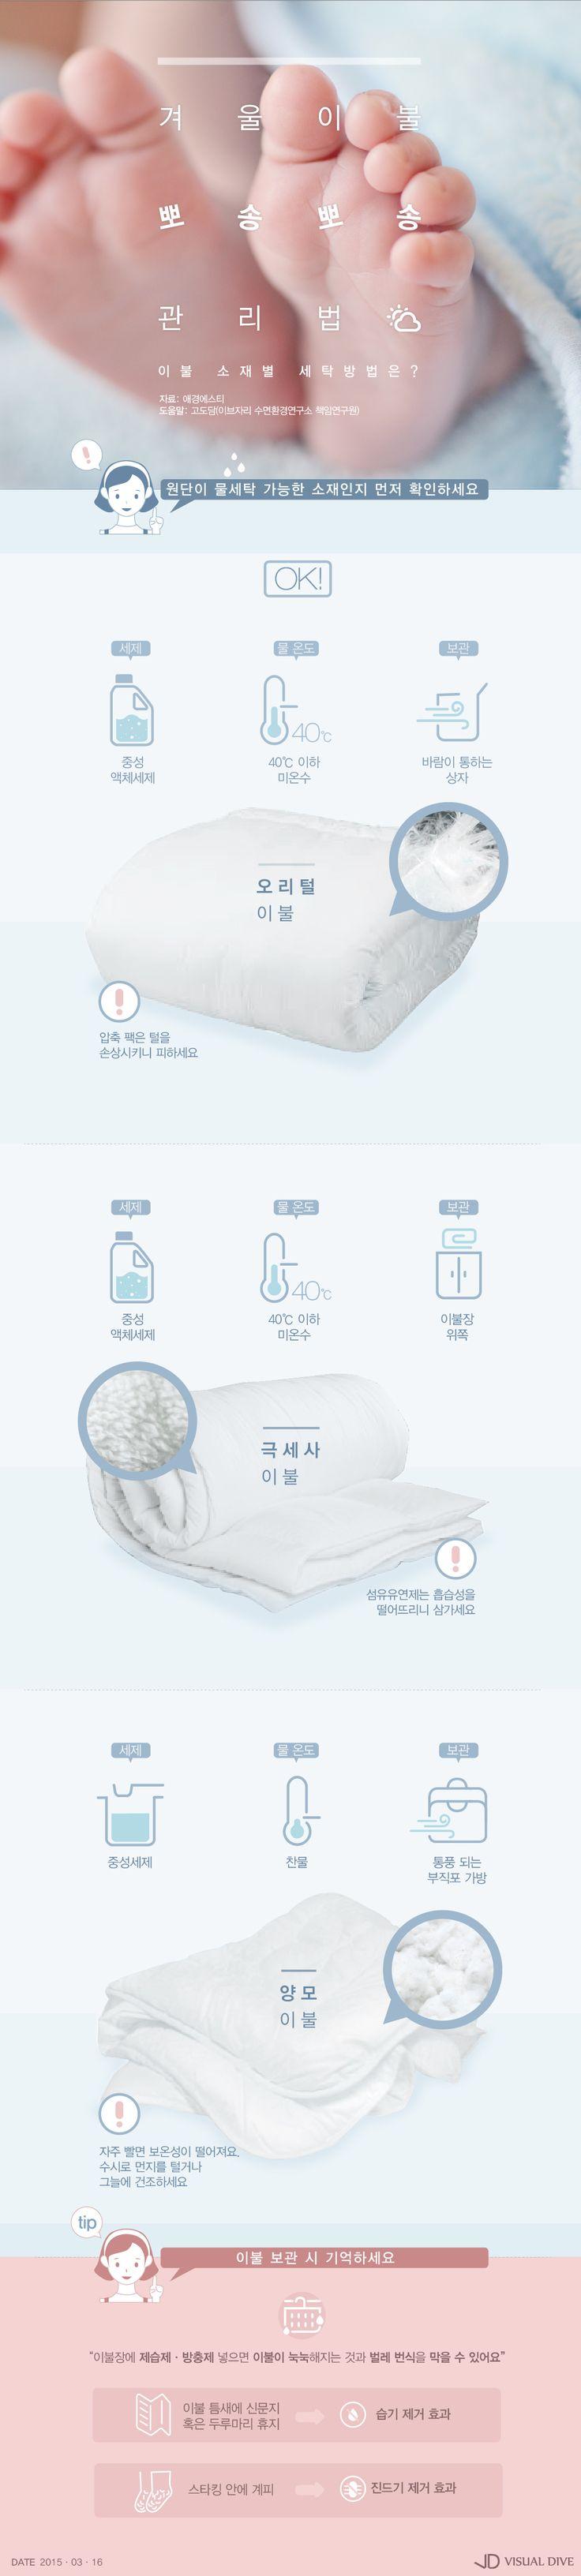 겨울 이불 내년까지 보송보송하게 … 효과적인 관리법은? [인포그래픽] #bedclothes / #Infographic ⓒ 비주얼다이브 무단…